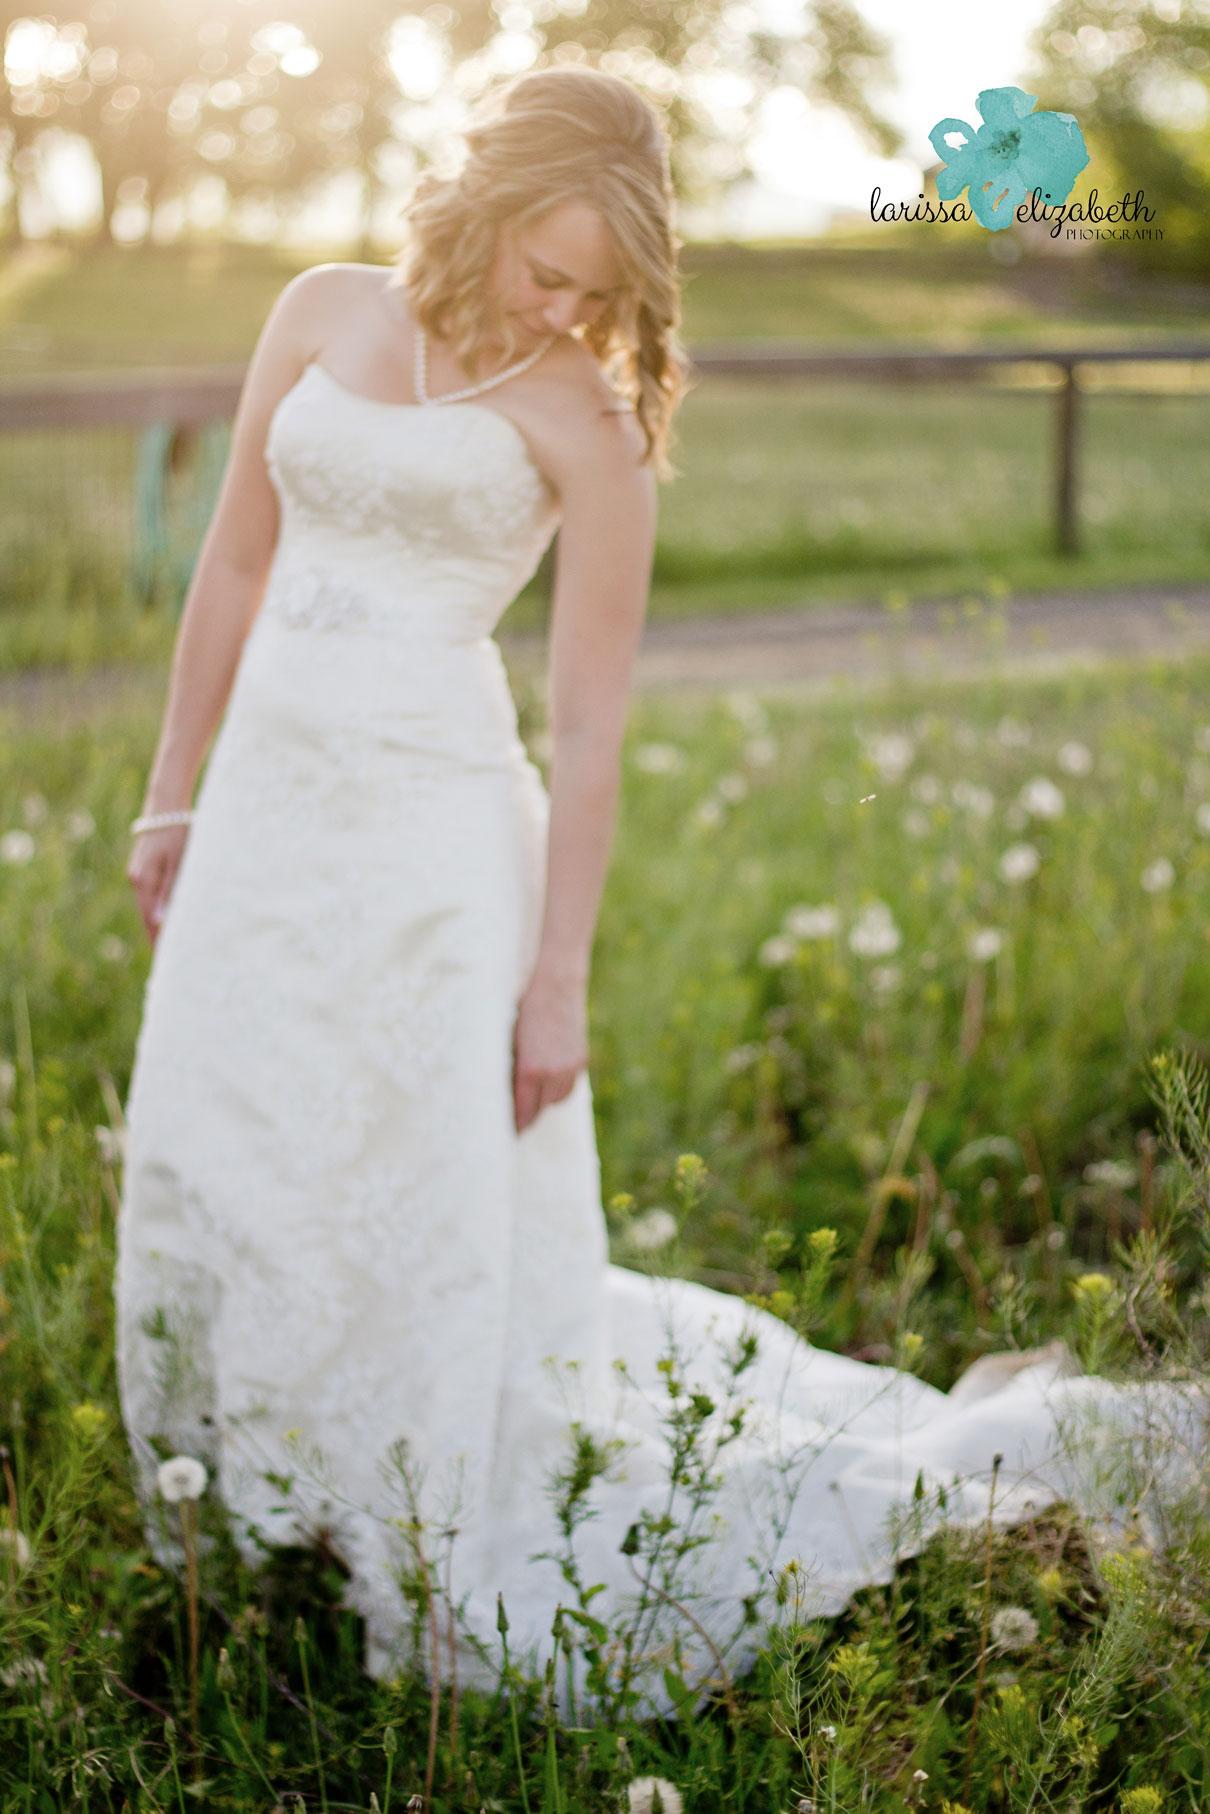 Colorado-Country-Bride-1.jpg